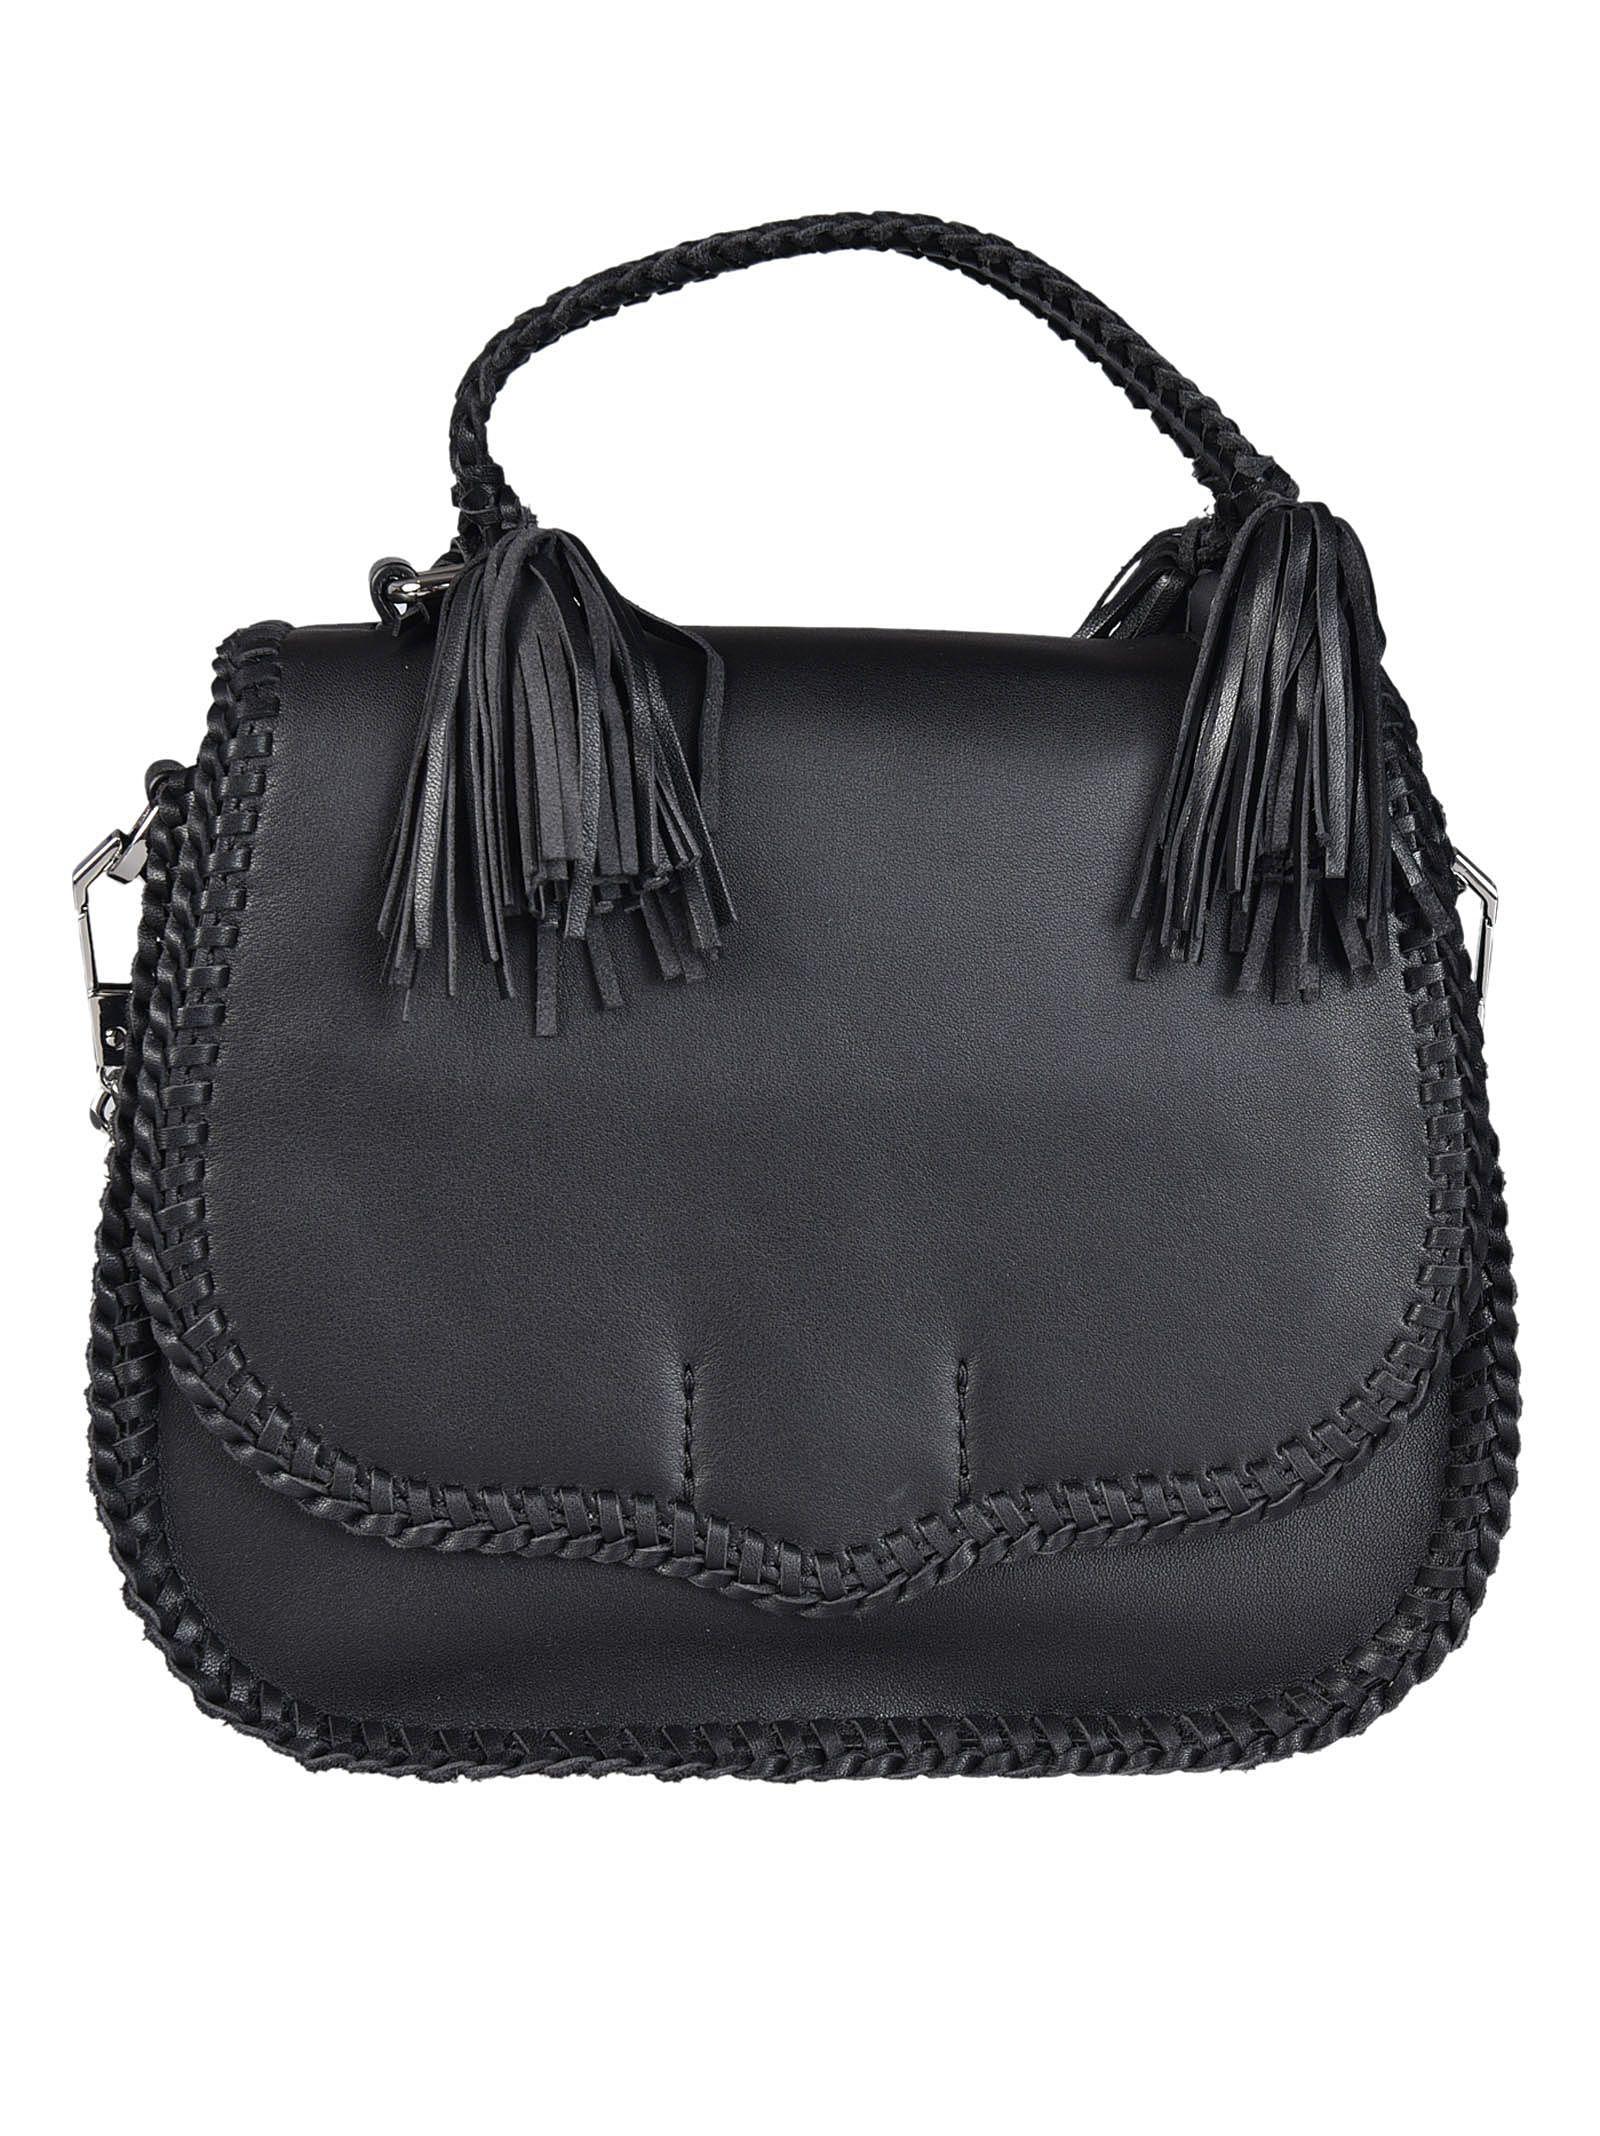 Rebecca Minkoff Chase Large Shoulder Bag